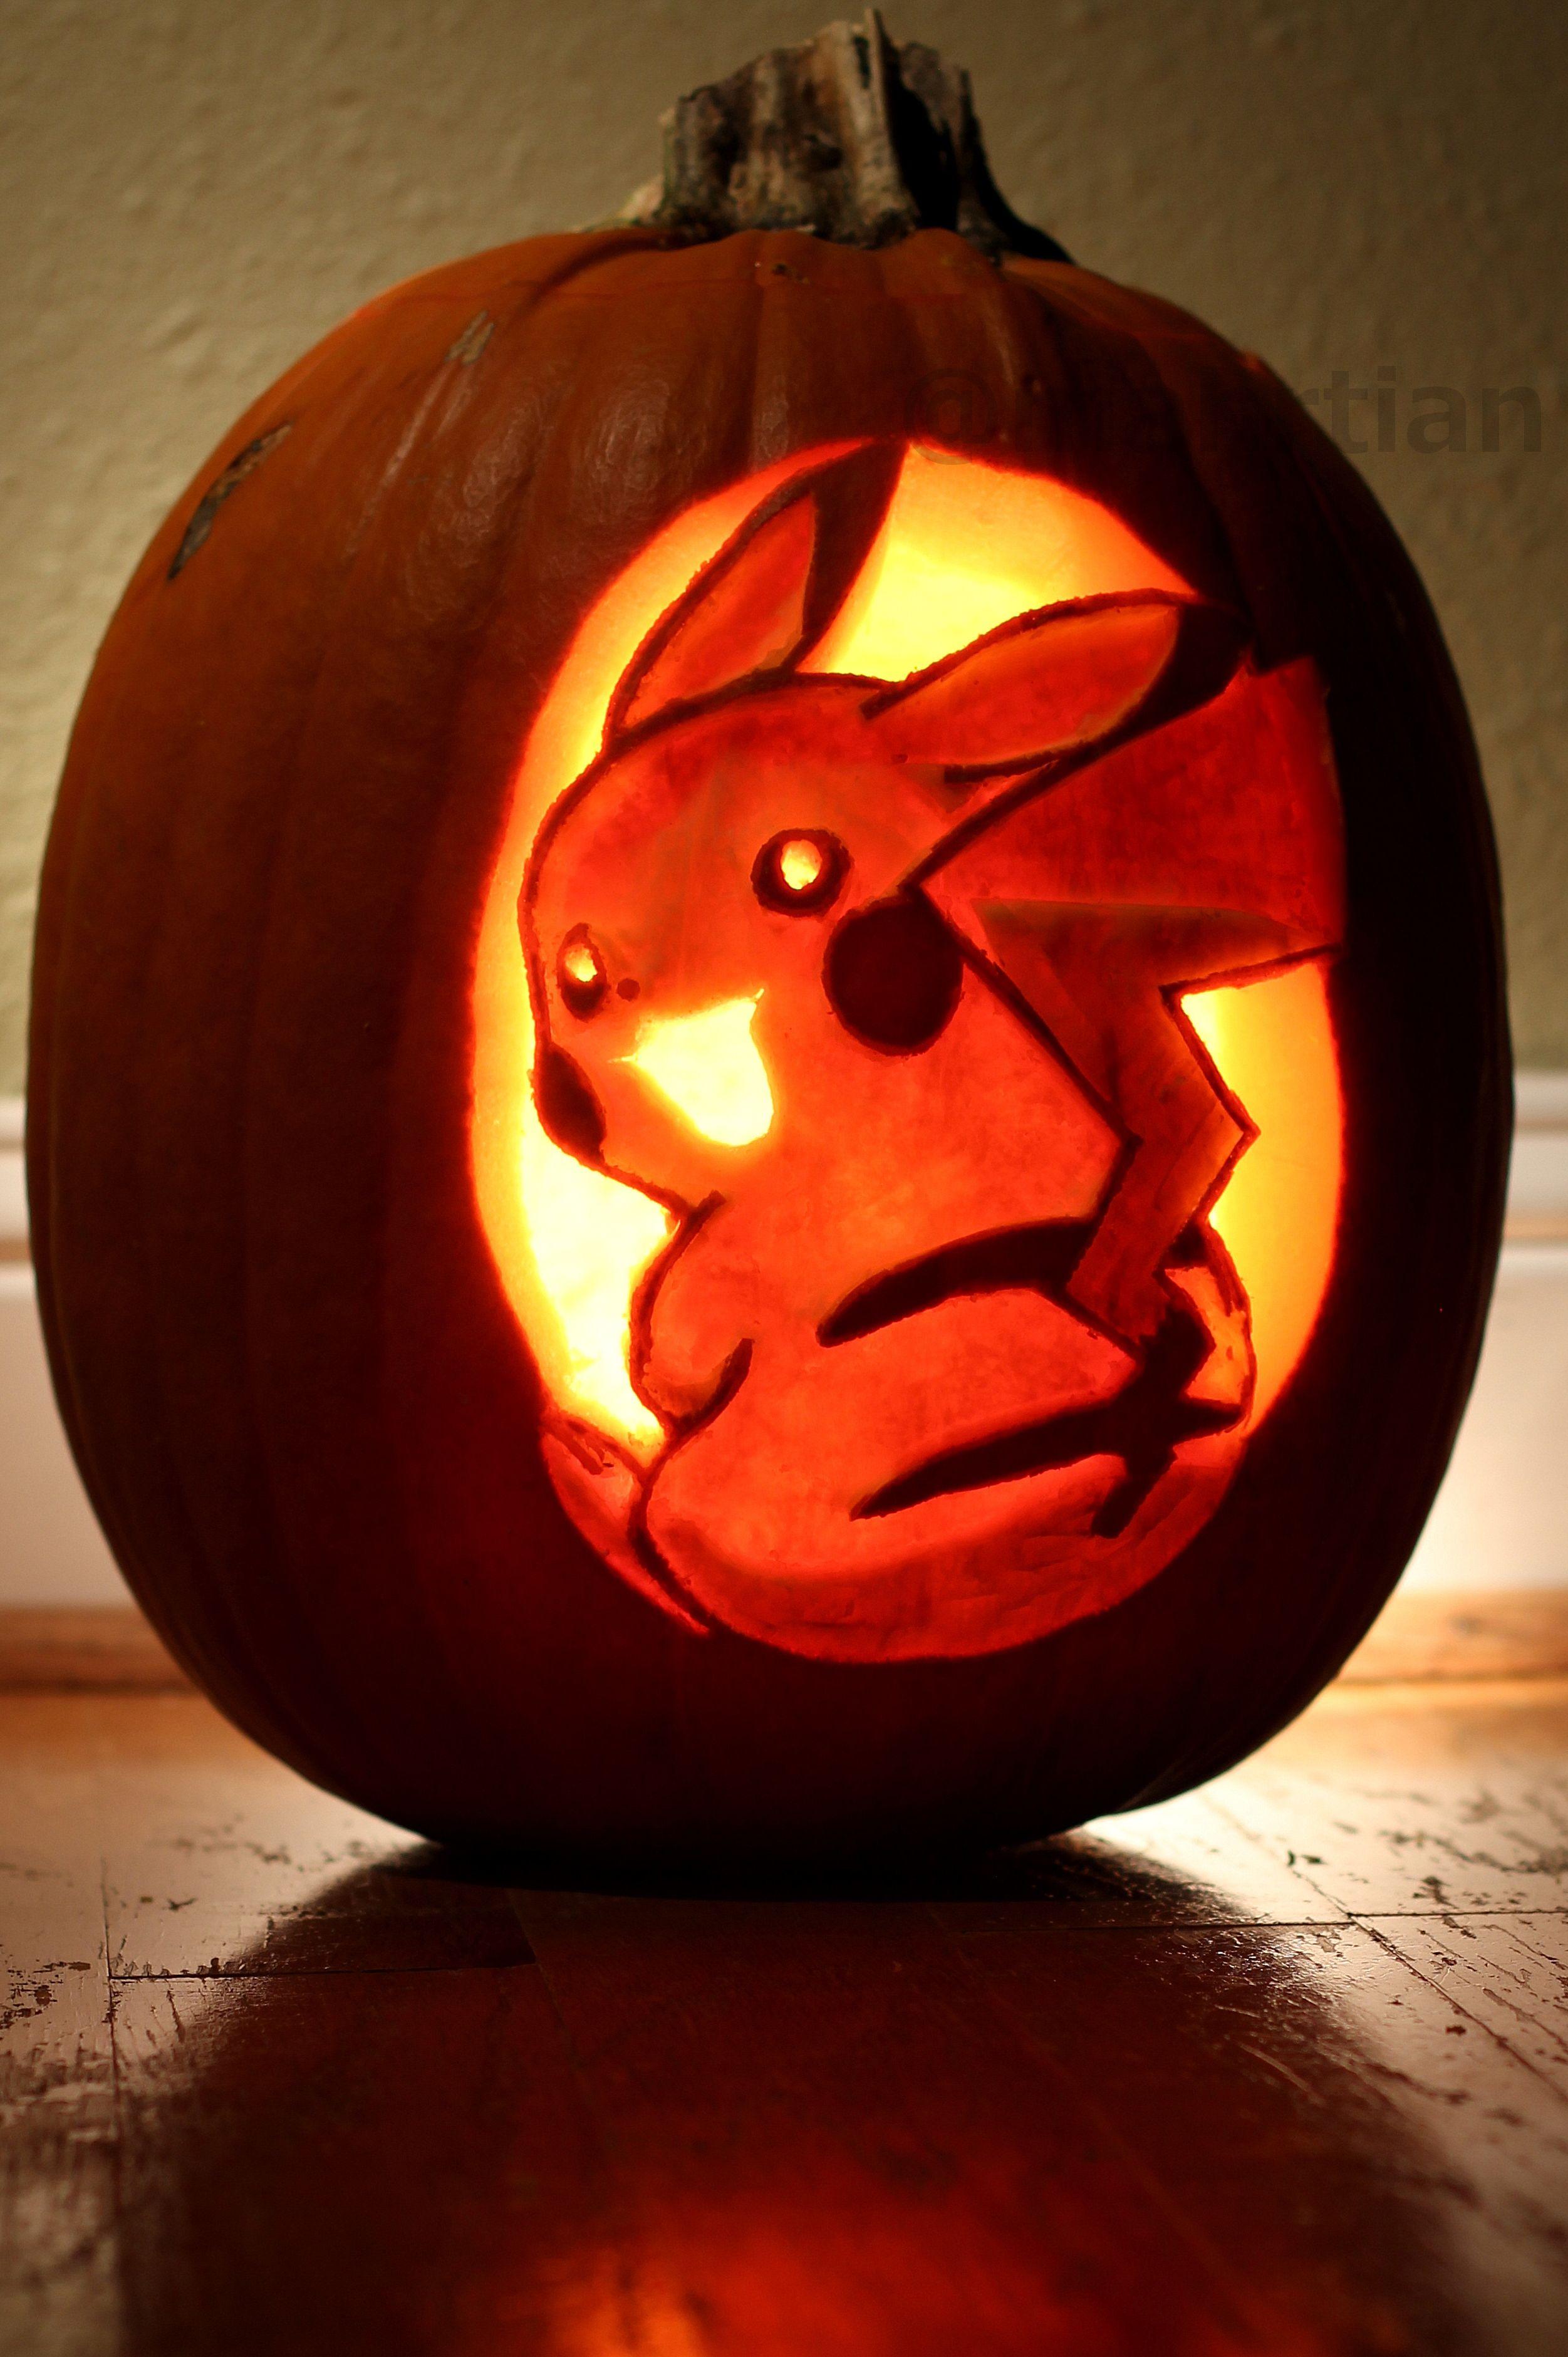 Pokemon Pikachu Halloween Pumpkin | Halloween Pumpkins | Pinterest